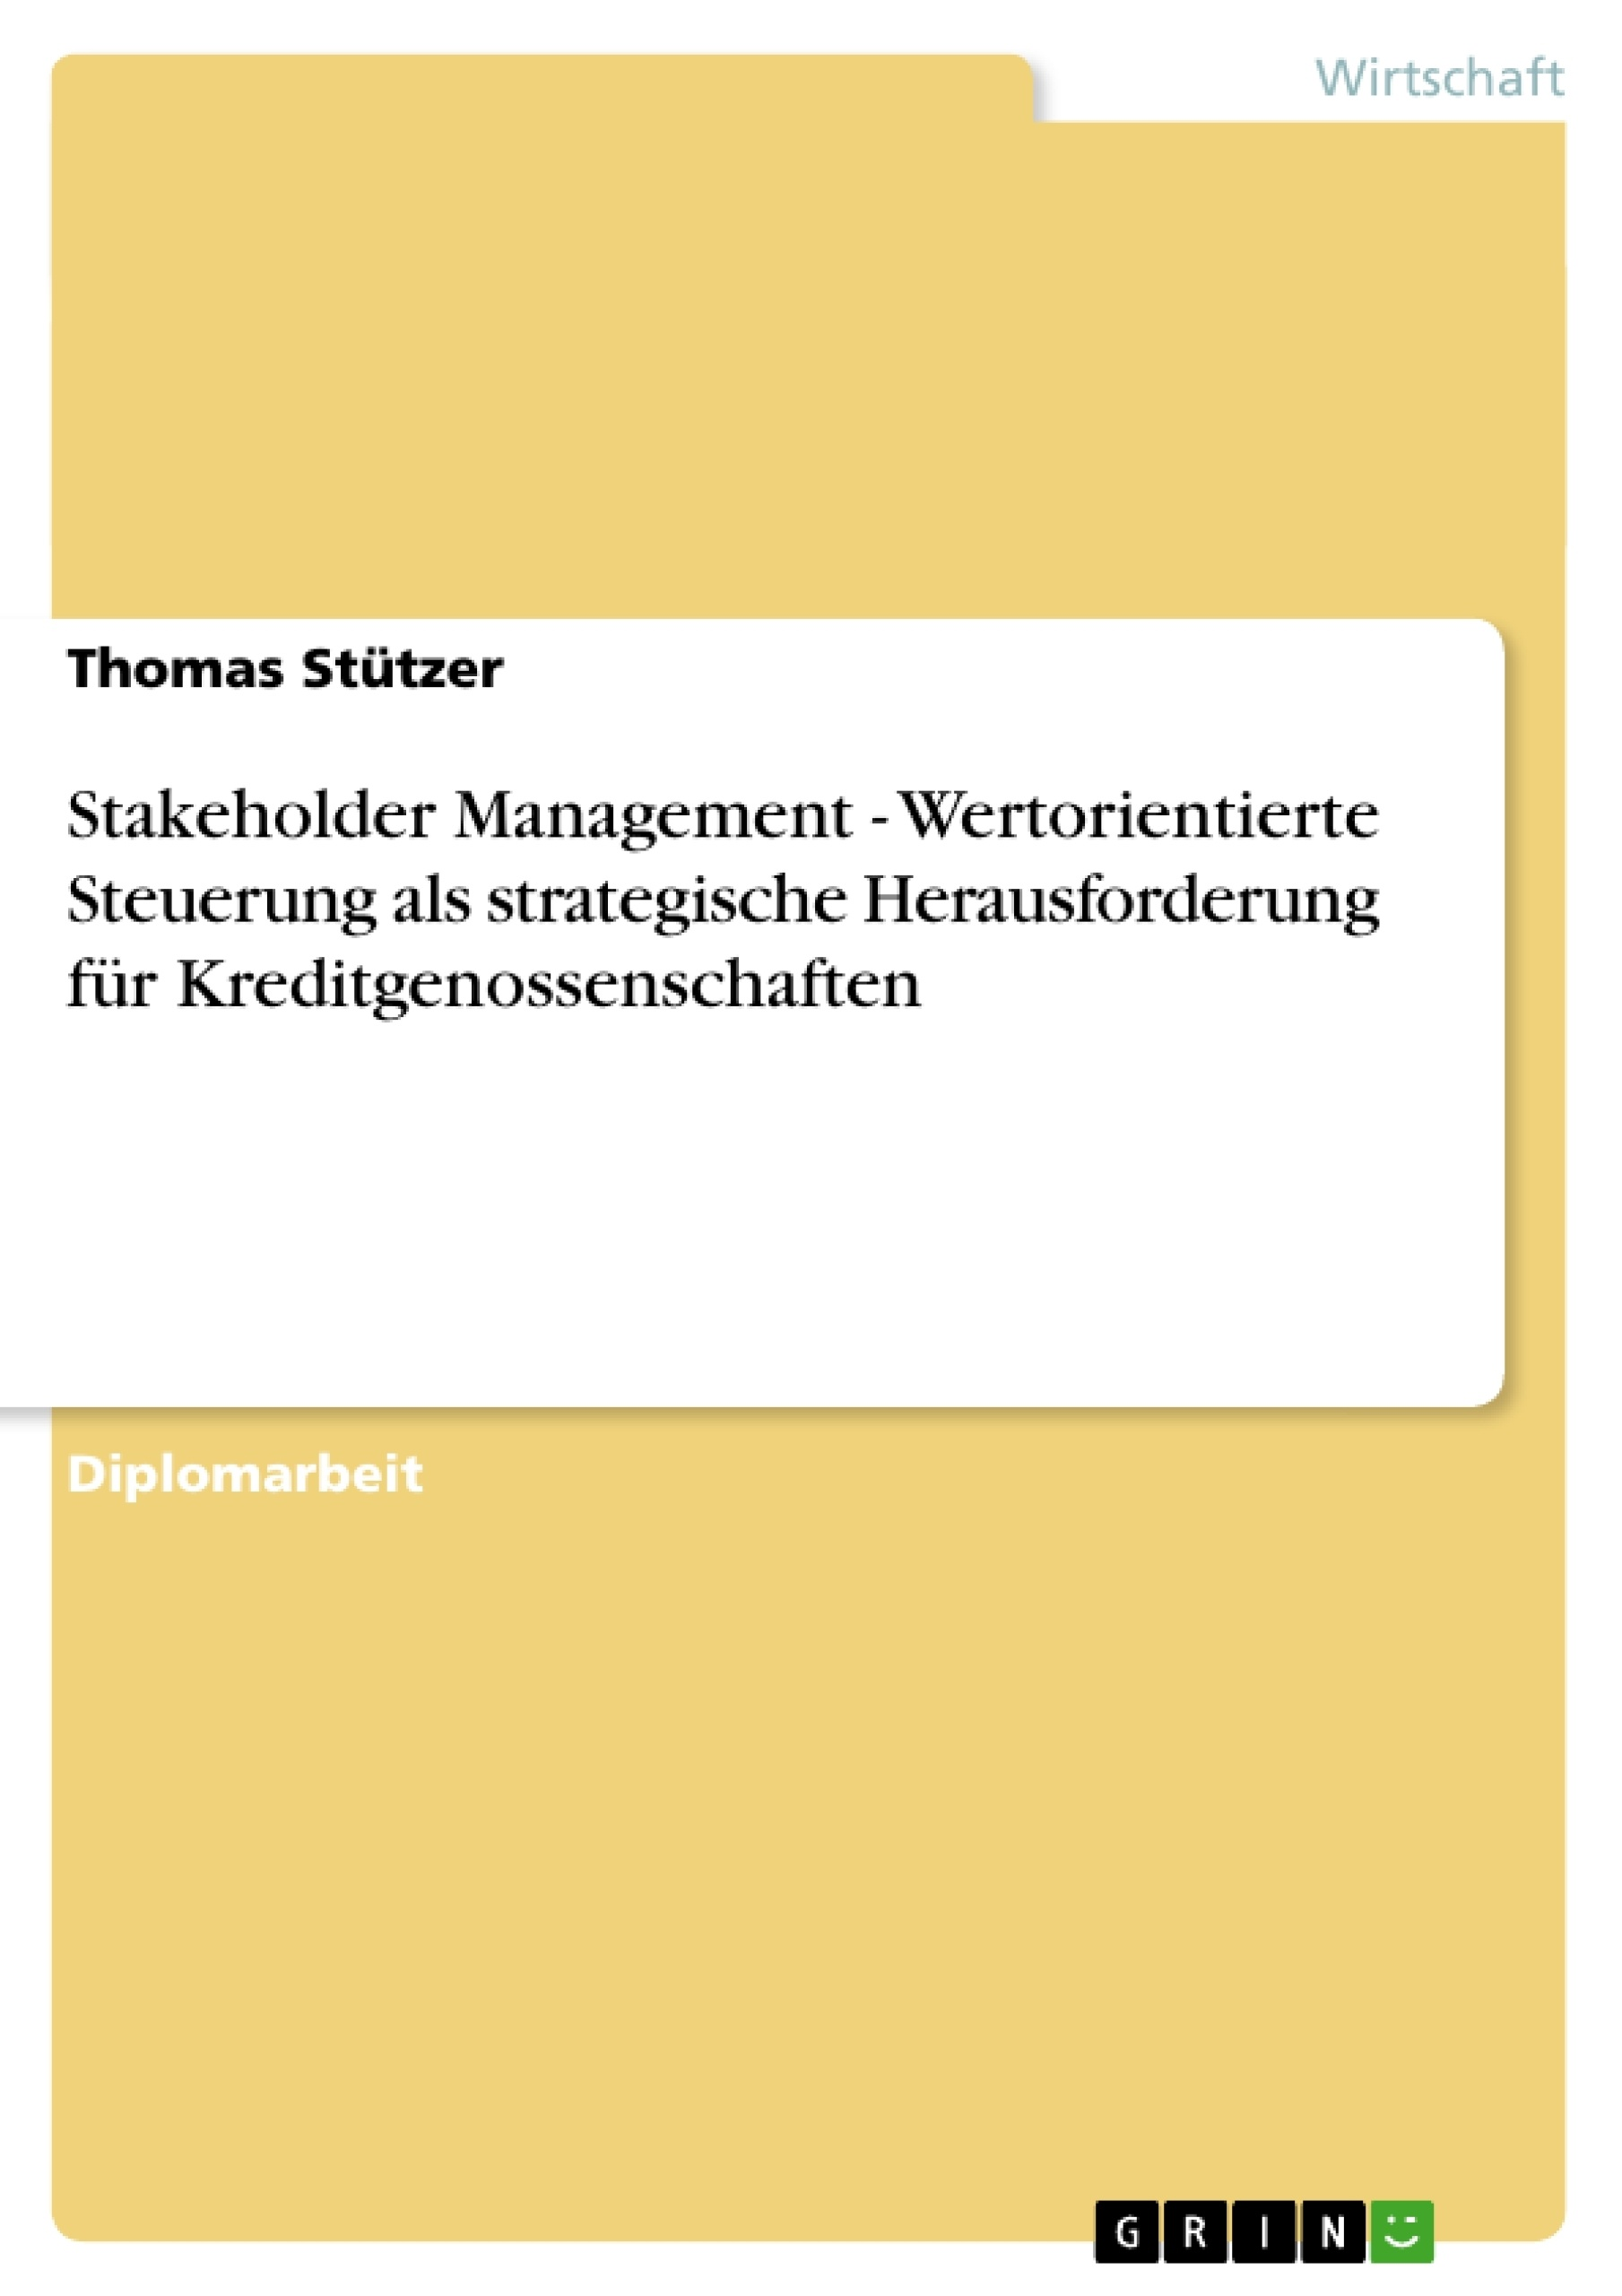 Titel: Stakeholder Management - Wertorientierte Steuerung als strategische Herausforderung für Kreditgenossenschaften